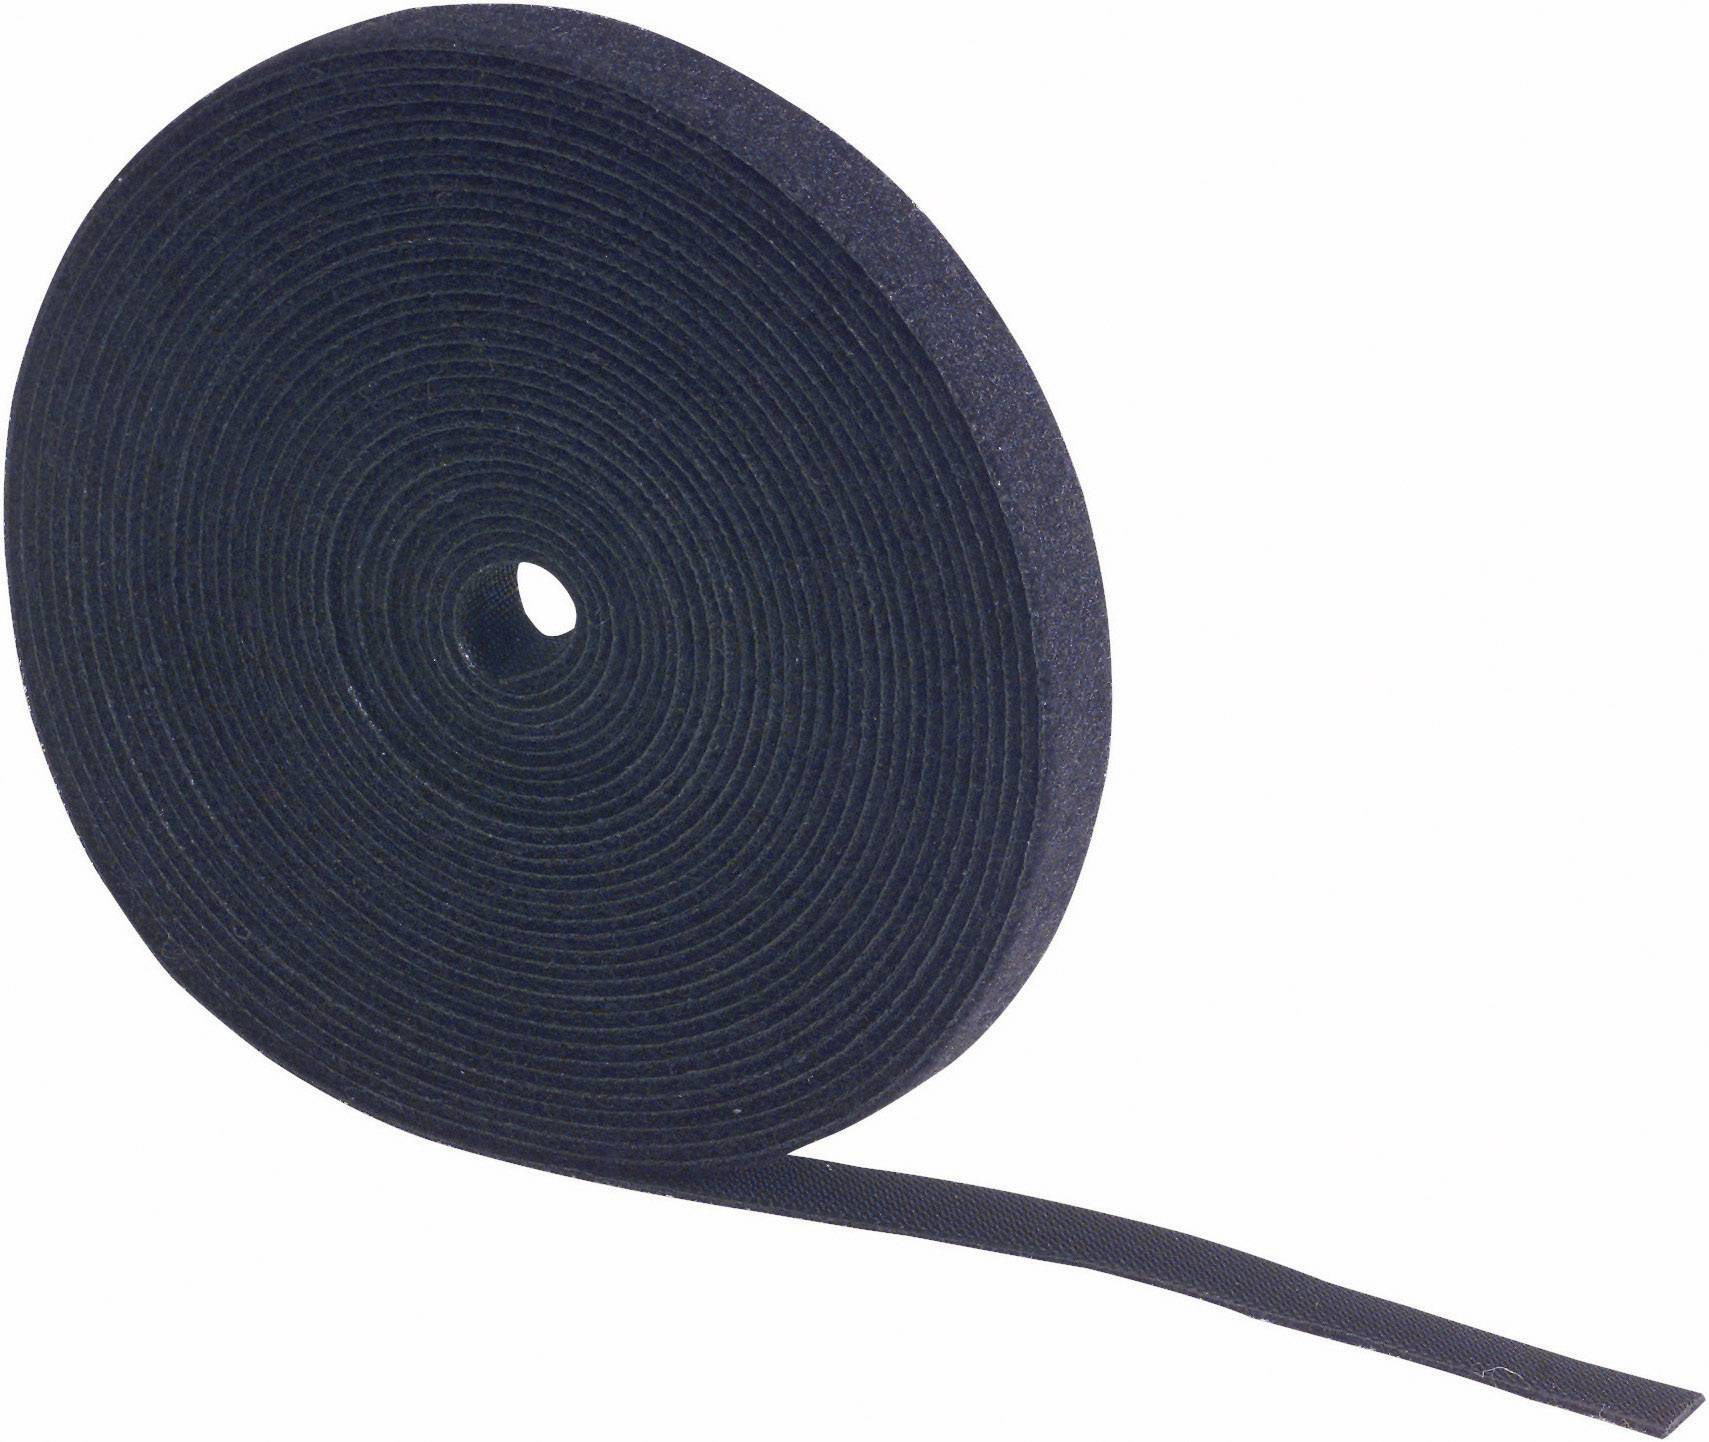 Pásek se suchým zipem Fastech 697-010, (d x š) 5000 mm x 20 mm, bílá, 5 m